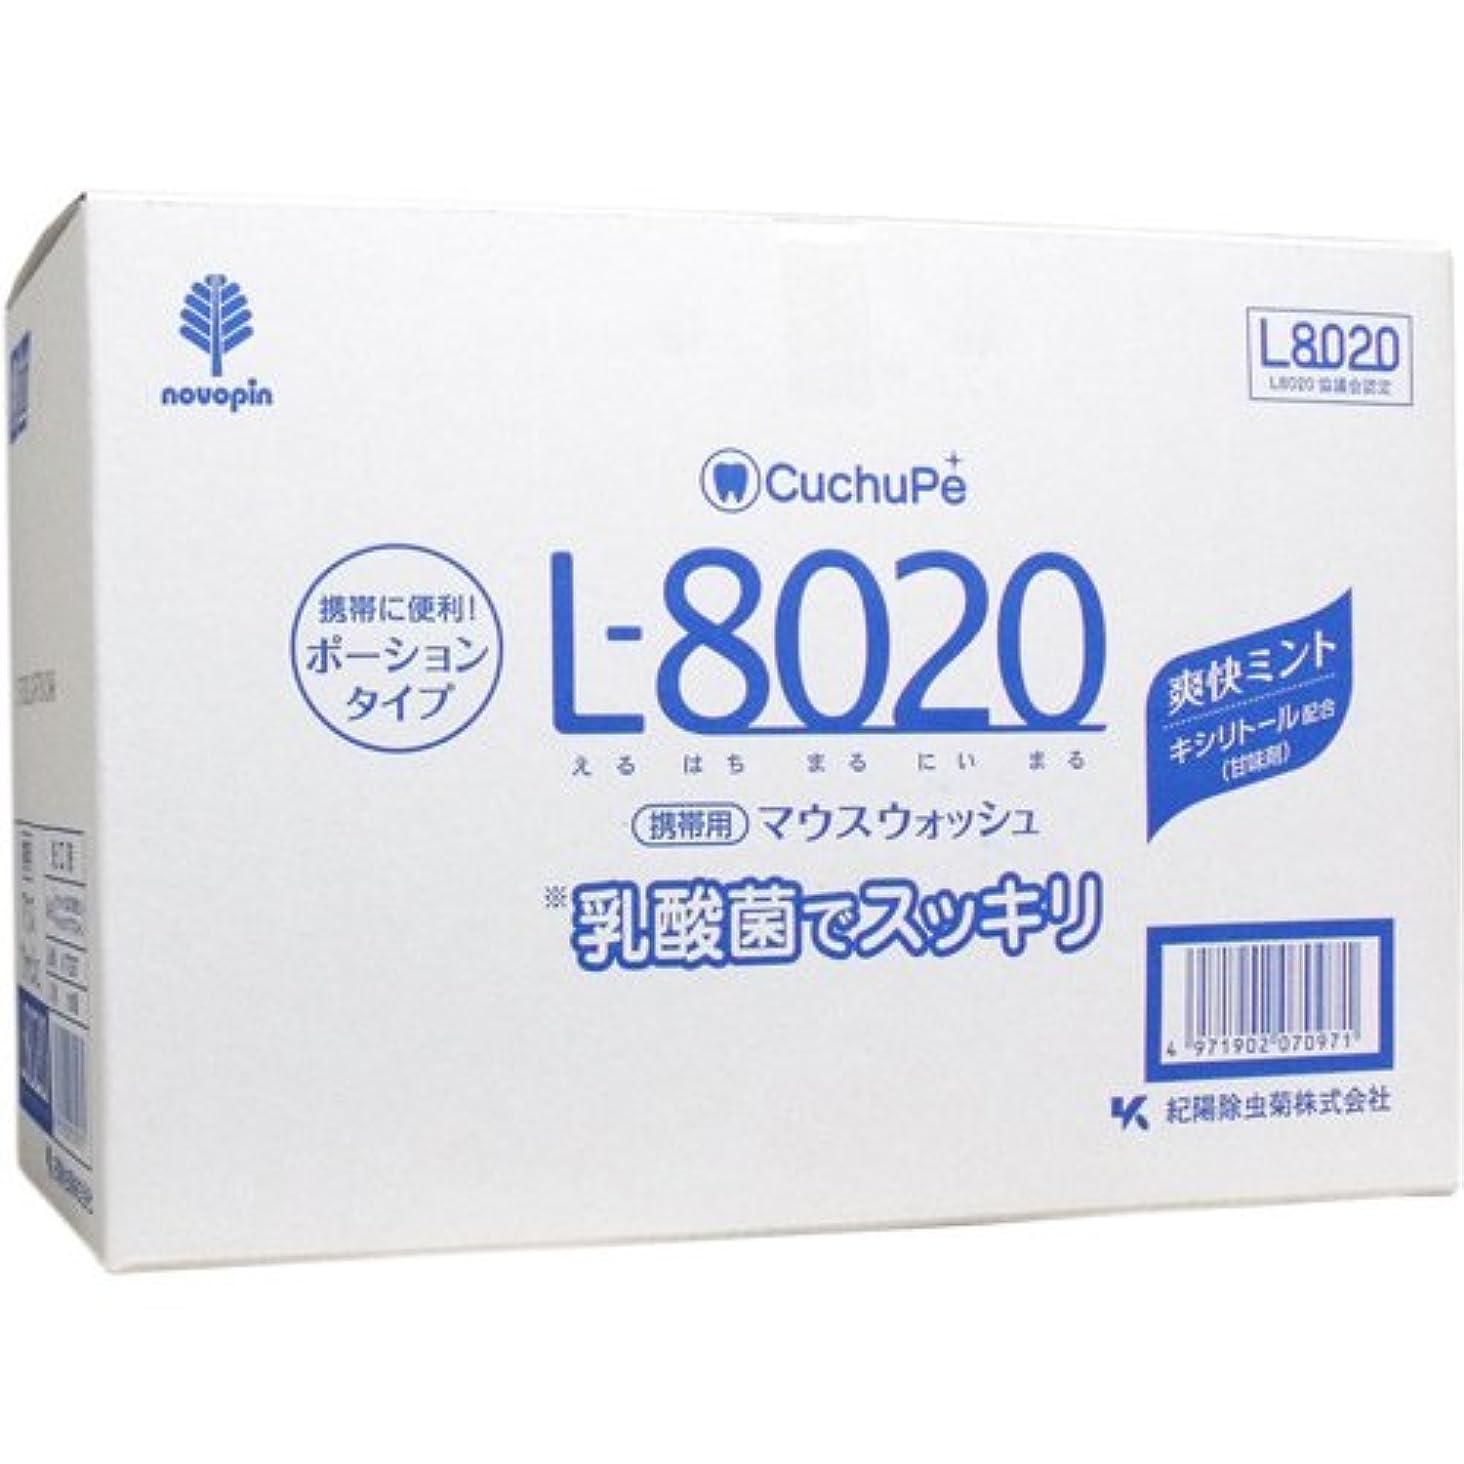 不機嫌そうなに頼る気まぐれなクチュッペ L-8020 マウスウォッシュ 爽快ミント ポーションタイプ 100個入